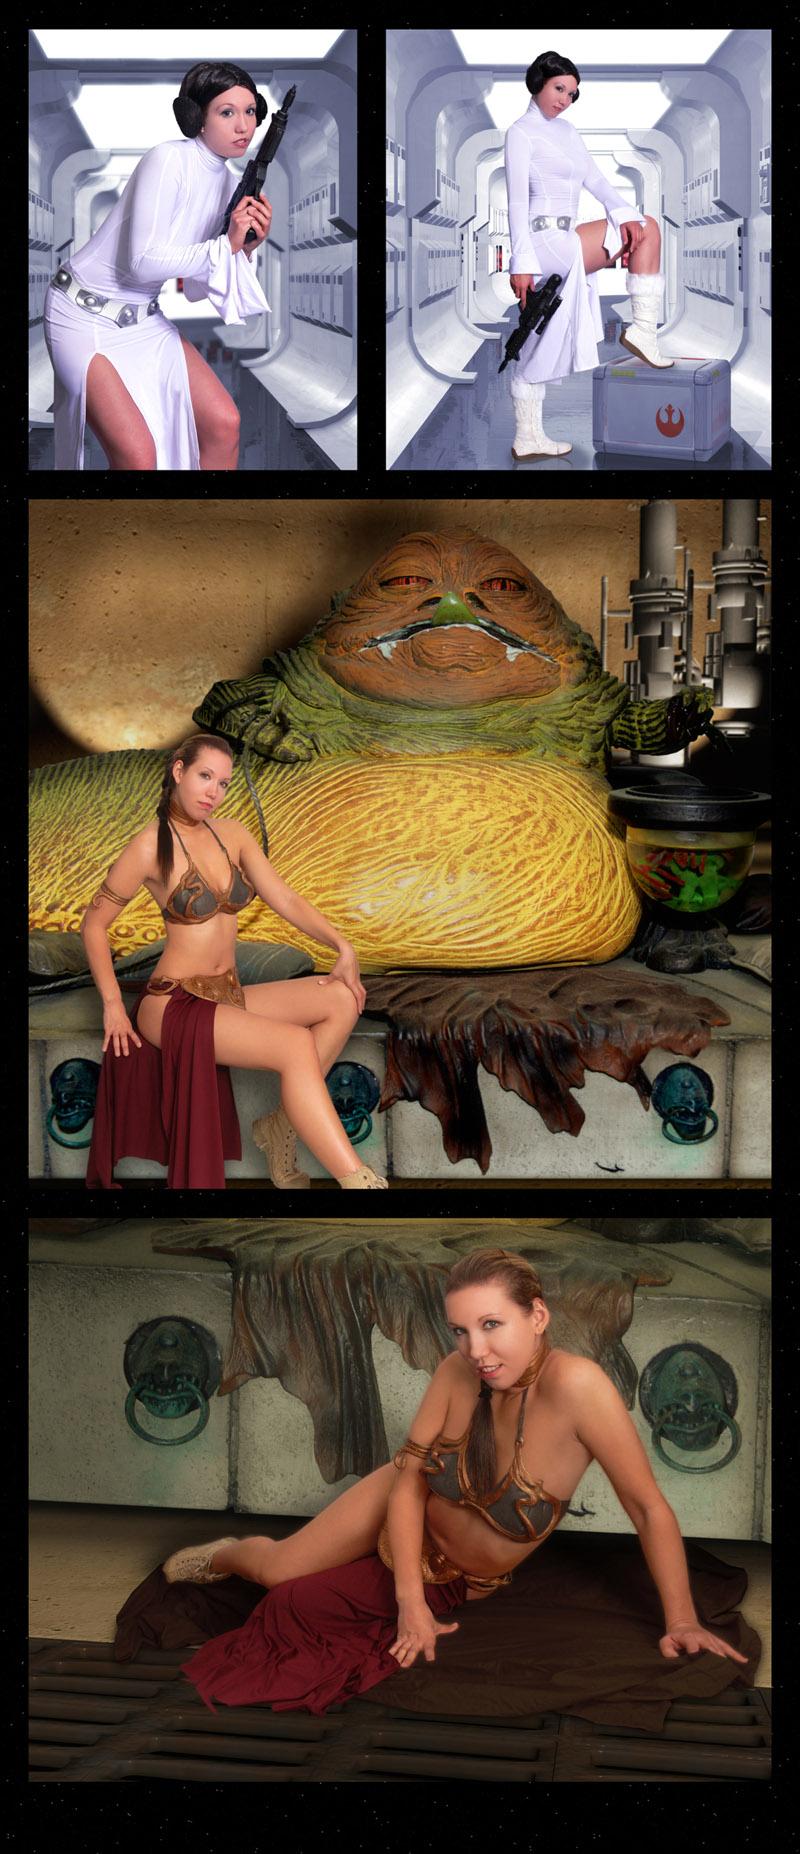 Feb 26, 2010 Alane Deviare - Star Wars Fun